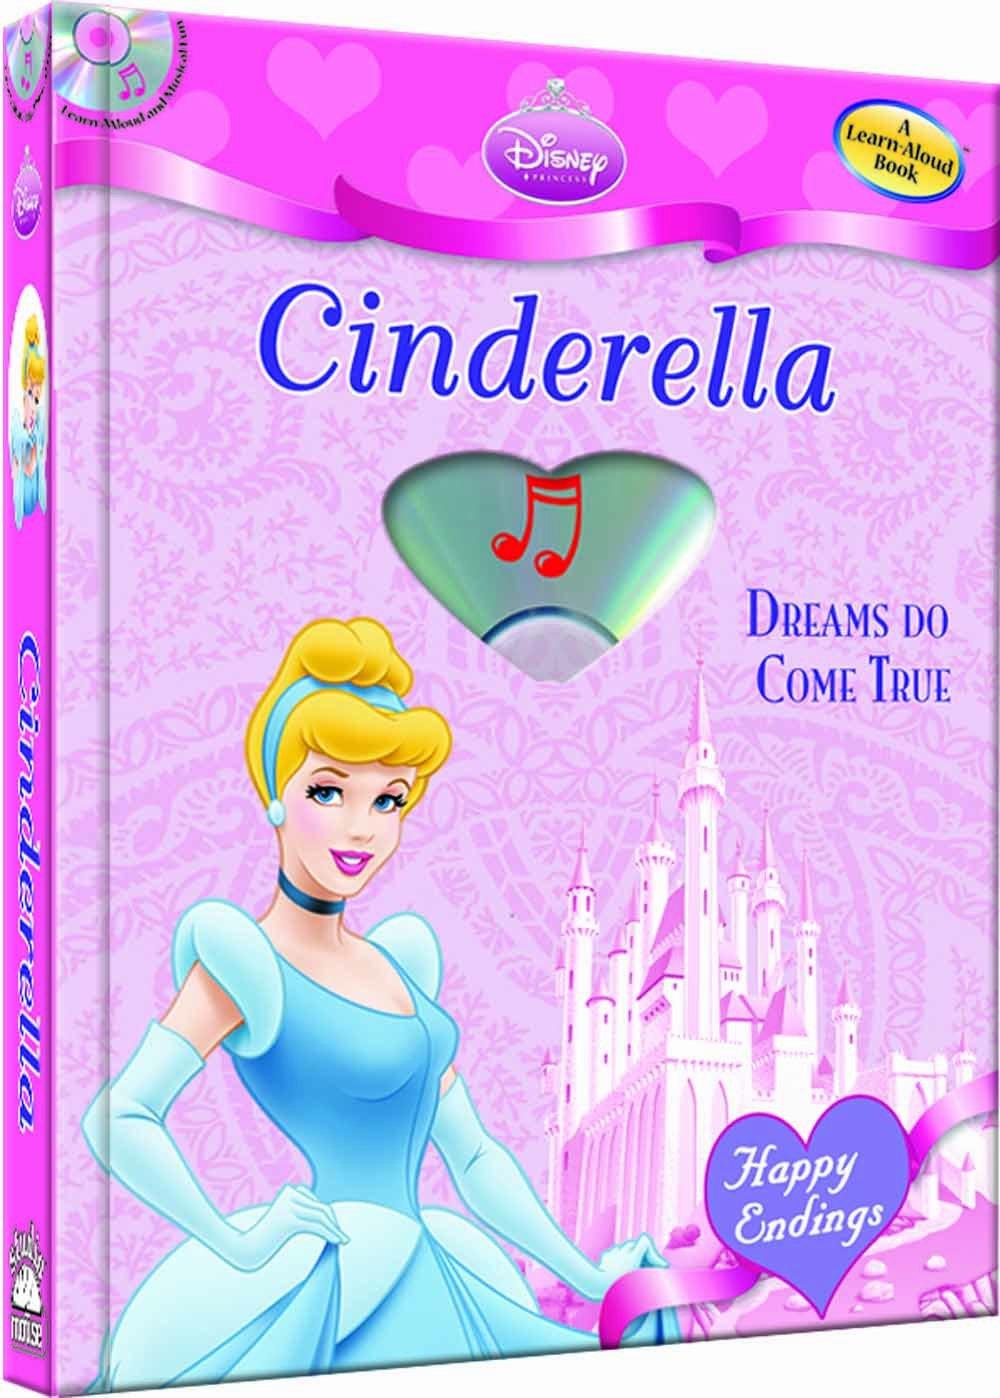 Disney Princess Cinderella: Dreams Do Come True (with audio CD) (Happy Endings) ebook